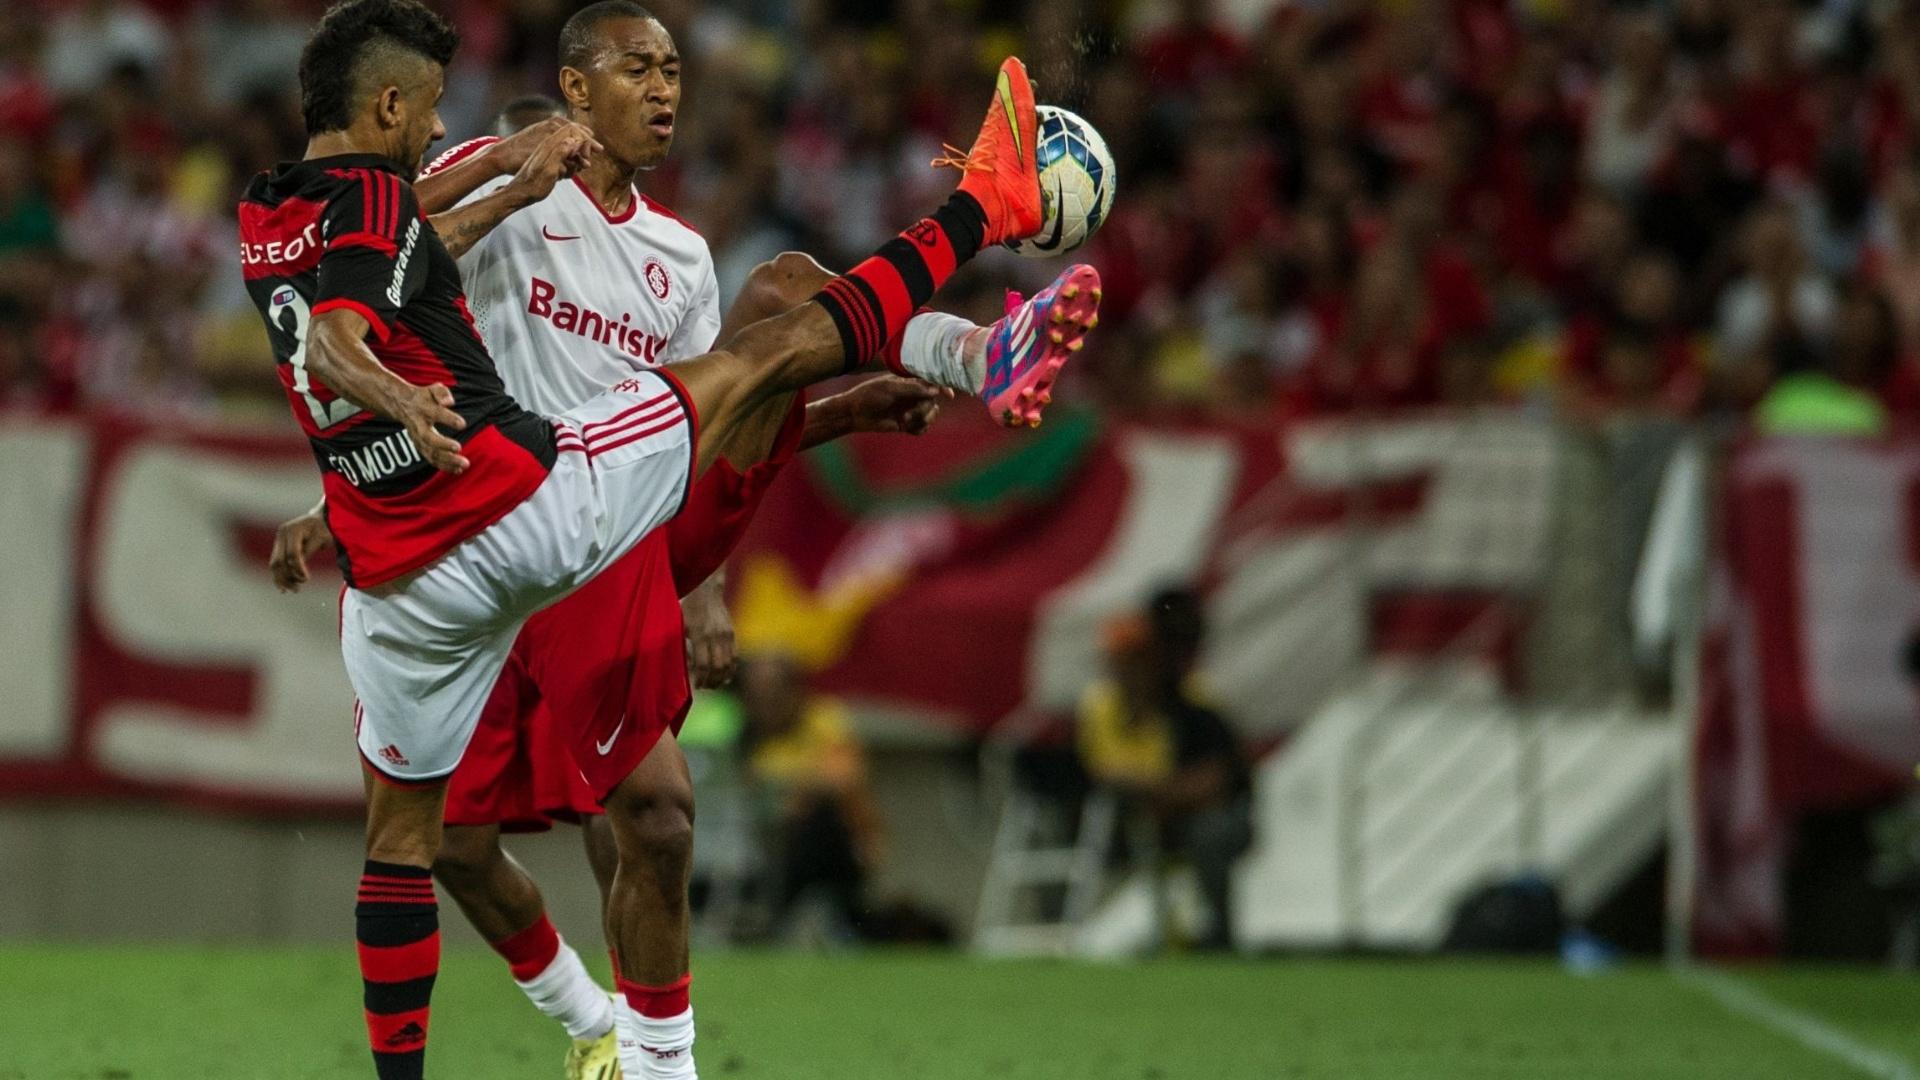 Fabrício e Leo Moura disputam bola durante jogo Flamengo e Inter, no Maracanã